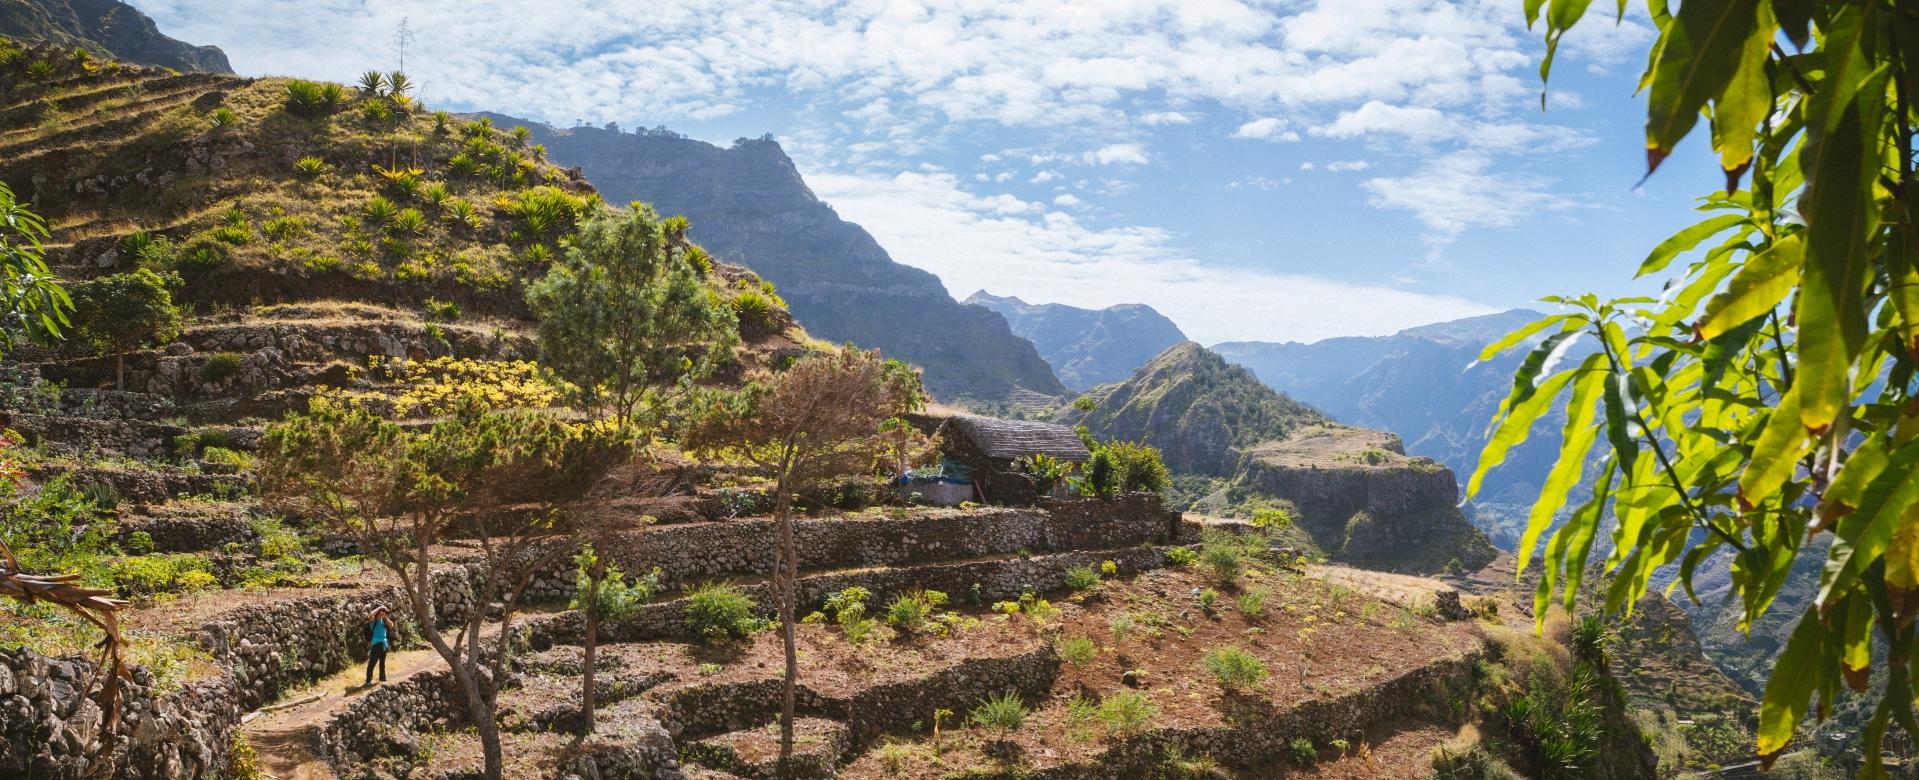 Voyage à pied : Charme créole de santo antao